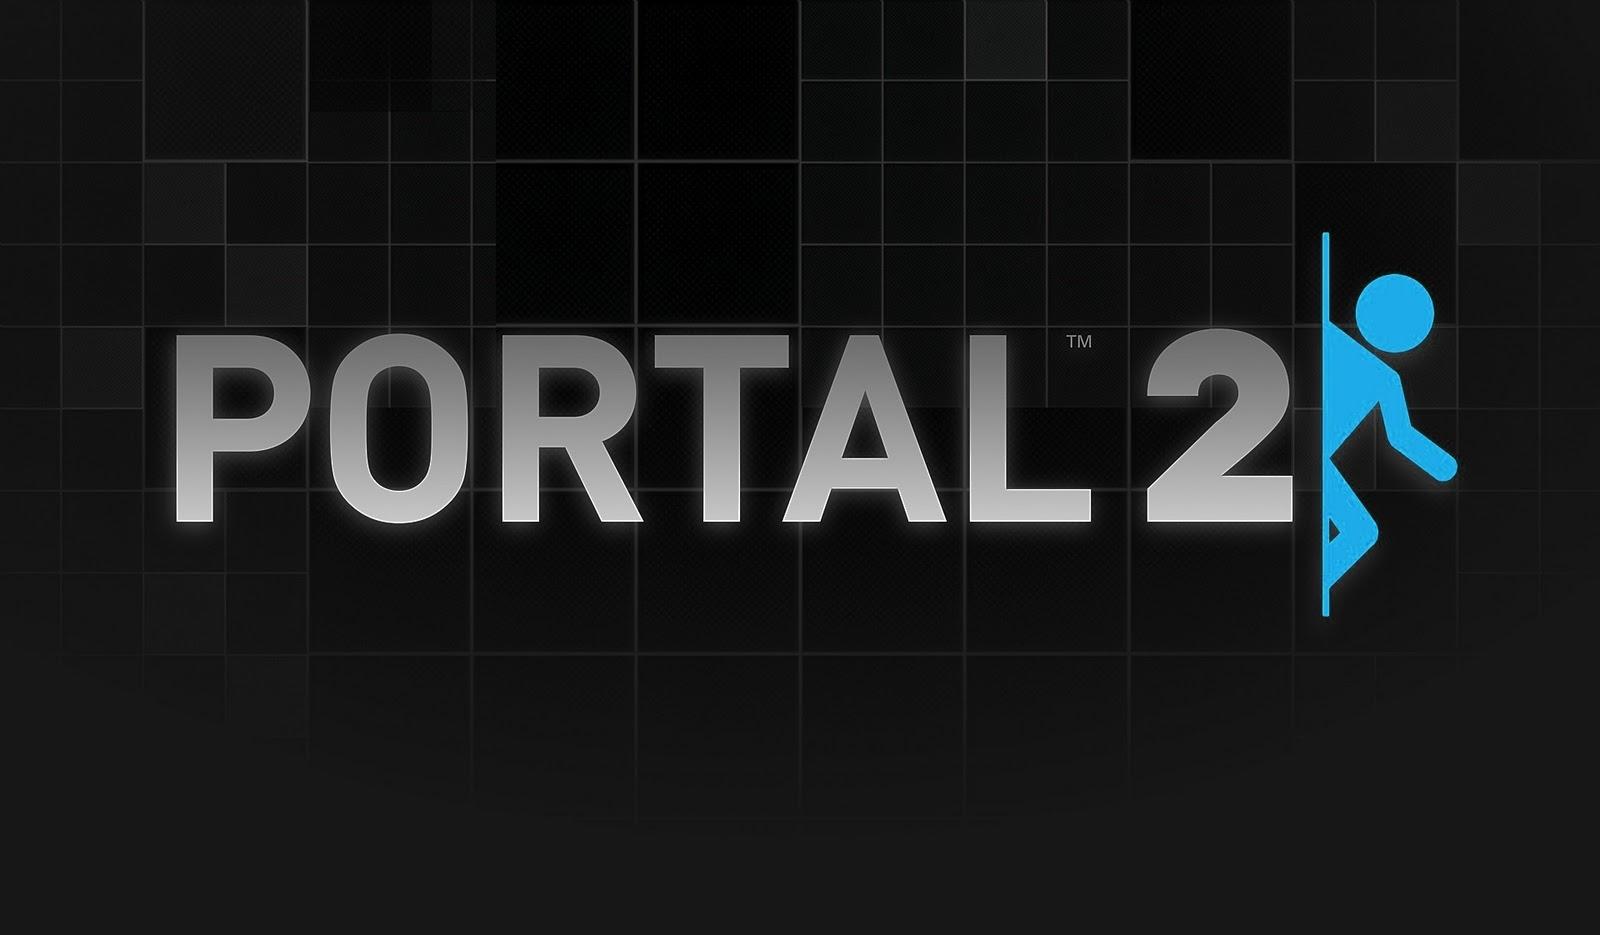 portal 2 wallpapers portal 2 es un juego desarrollado por valve donde 1600x935